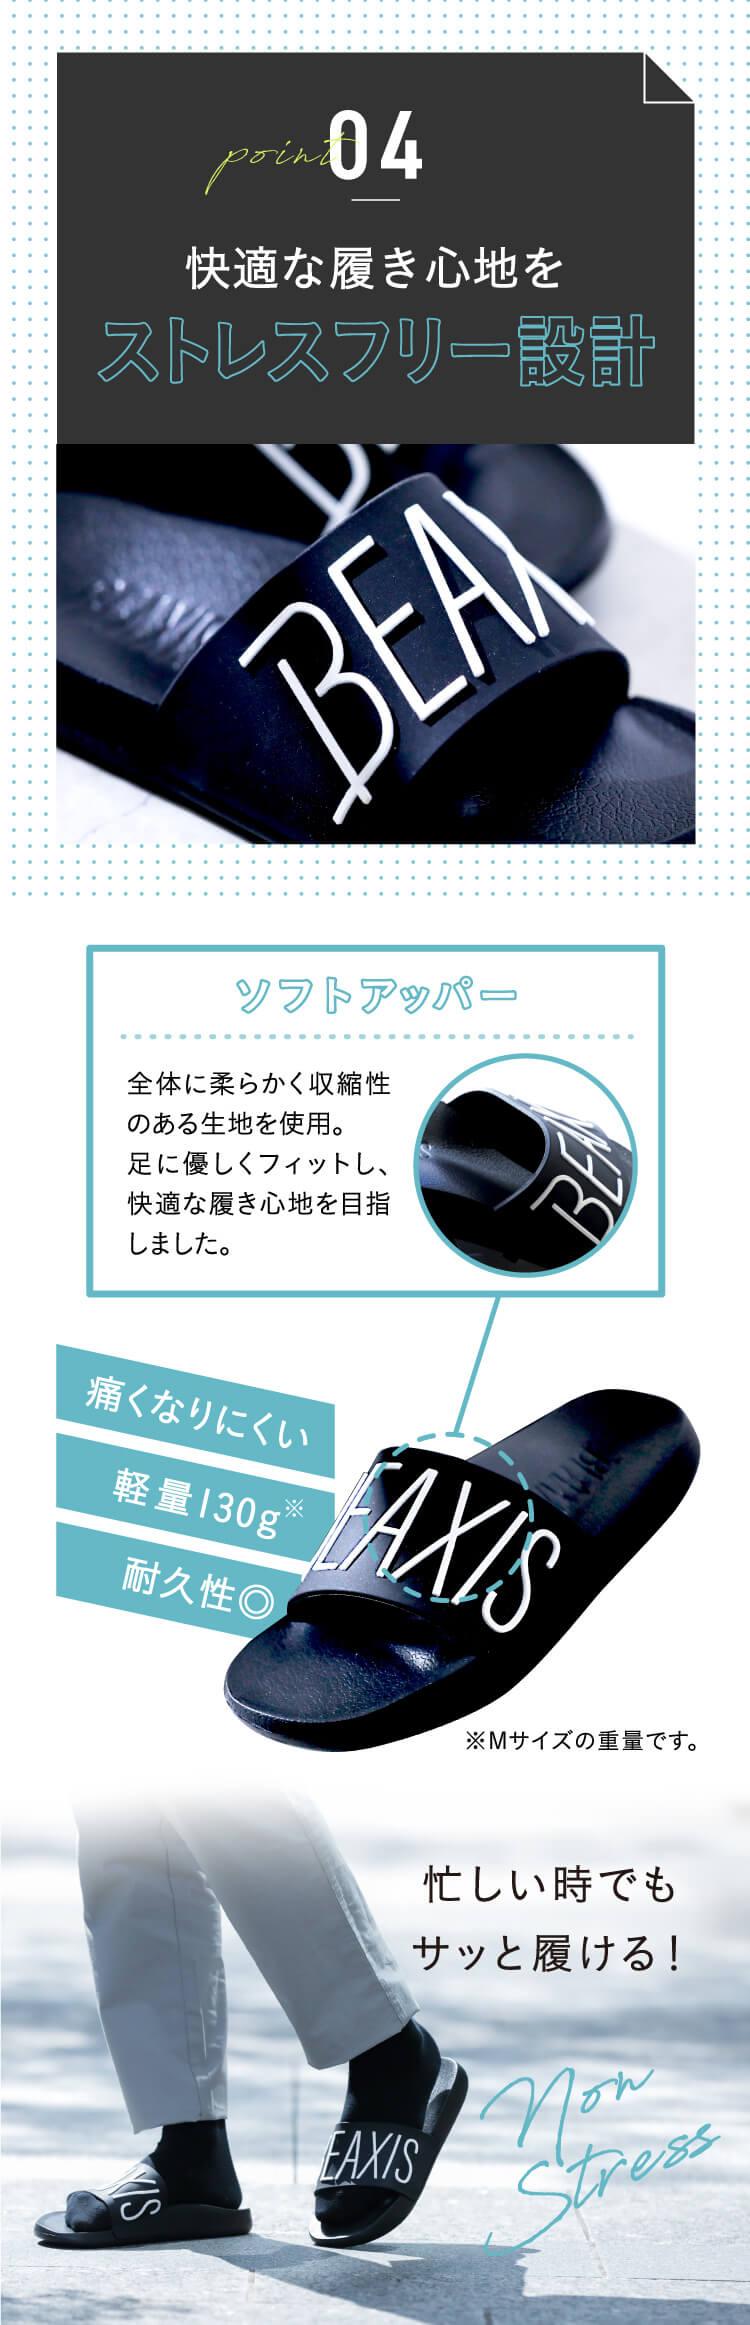 04 快適な履き心地を ストレスフリー設計